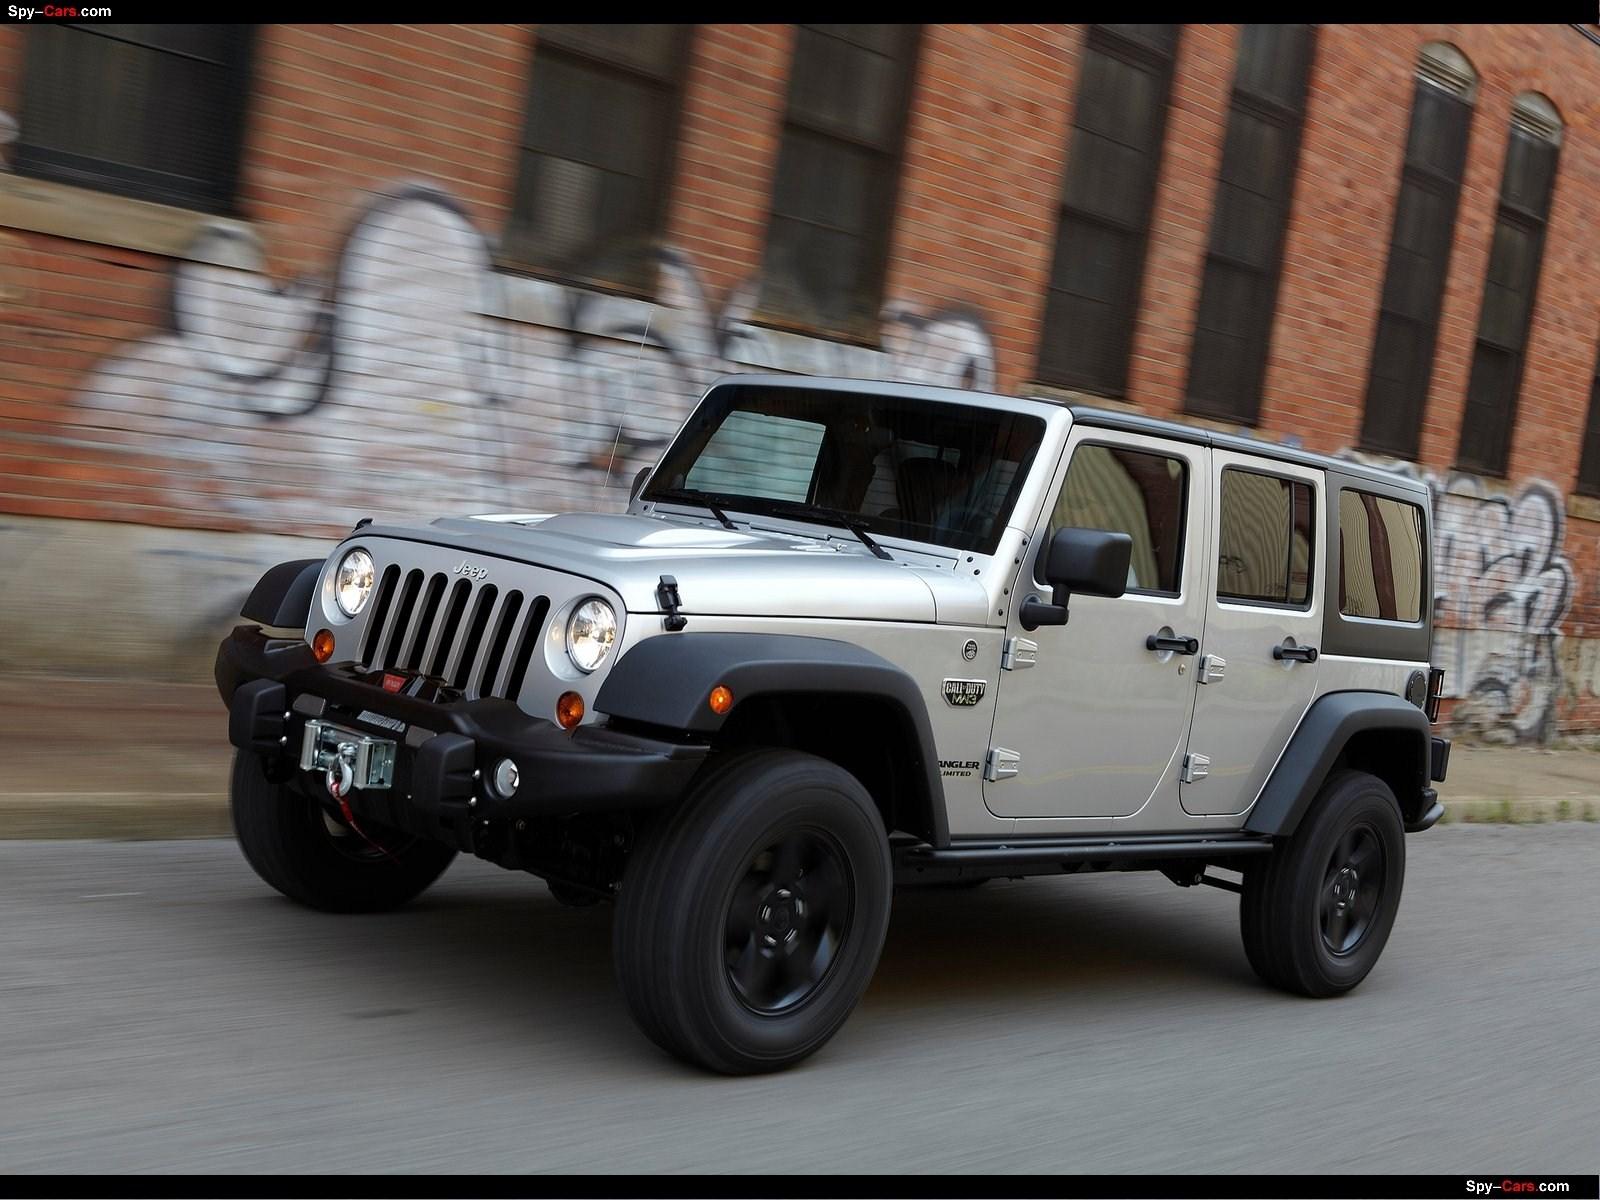 2012 Jeep Wrangler Call Of Duty Mw3 Jeep Auto Twenty